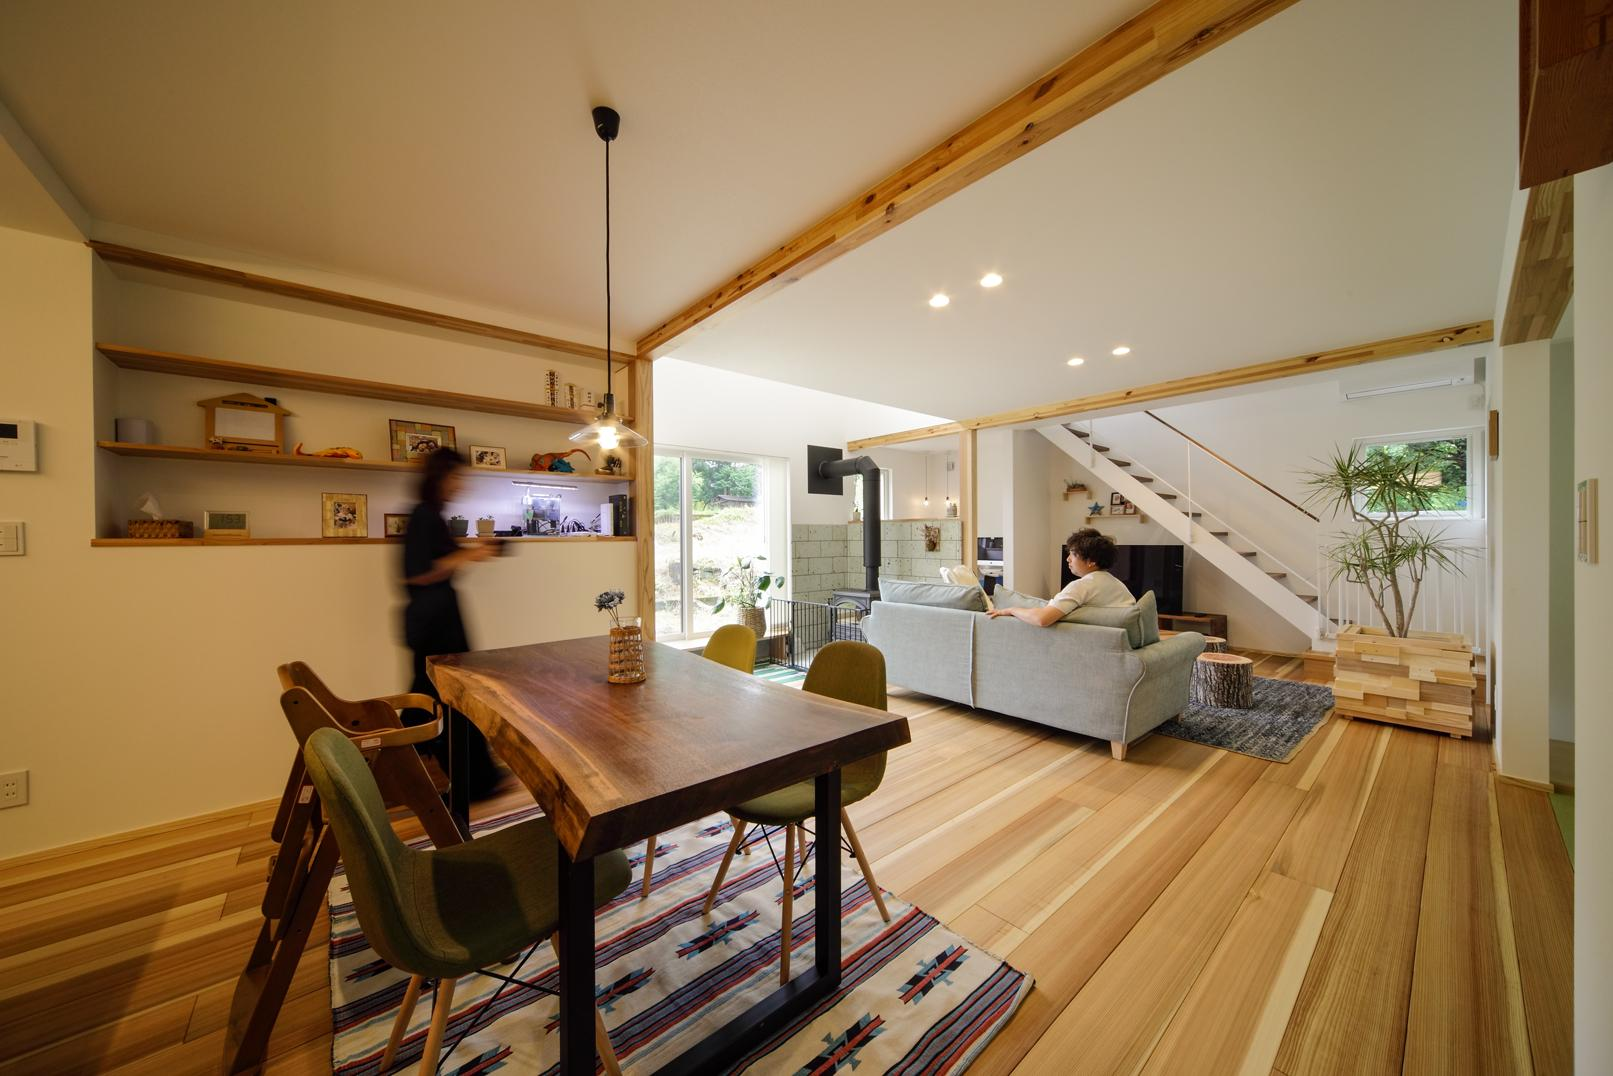 薪ストーブのあるガレージハウスの写真4